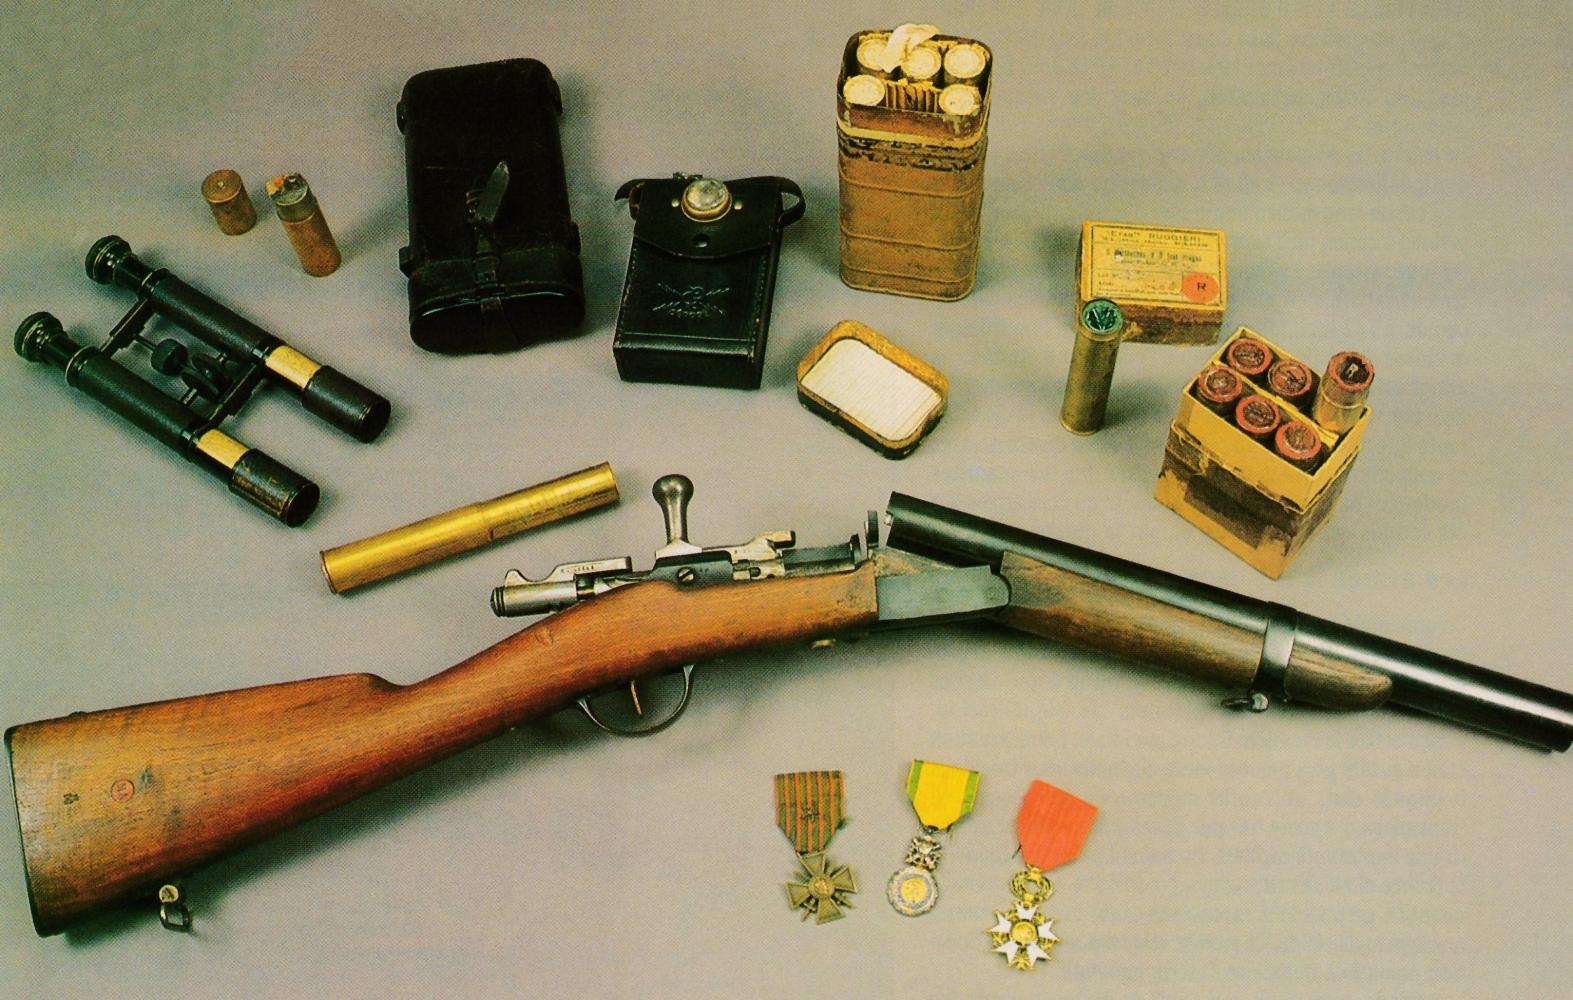 Fusil Gras transformé en lance-fusées de calibre 25 mm, accompagné par quelques objets d'époque : paire de jumelles télémétriques ; briquet de tranchée fabriqué à partir d'une douille de 25 mm ; lampe de poche en cuir ;boîte métallique étanche contenant six cartouches éclairantes de 25 mm (longueur de 180 mm) ; boîte en carton contenant six cartouches à trois étoiles rouges et décorations (Croix de Guerre, Médaille Militaire et Légion d'honneur).